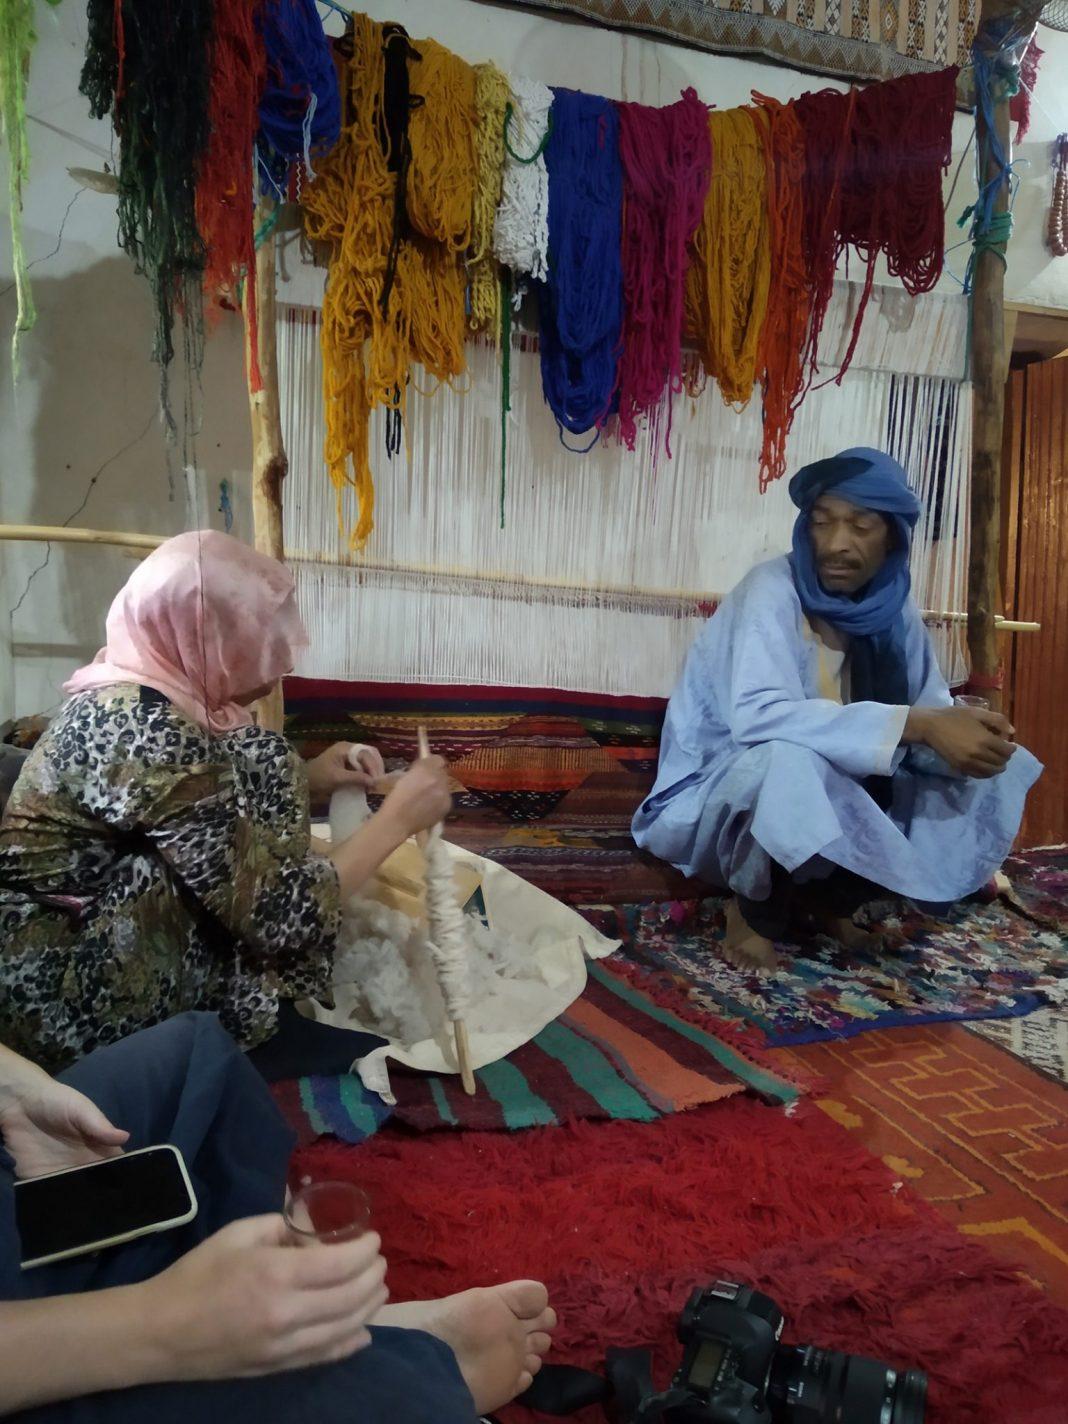 Demonstratie tapijt maken